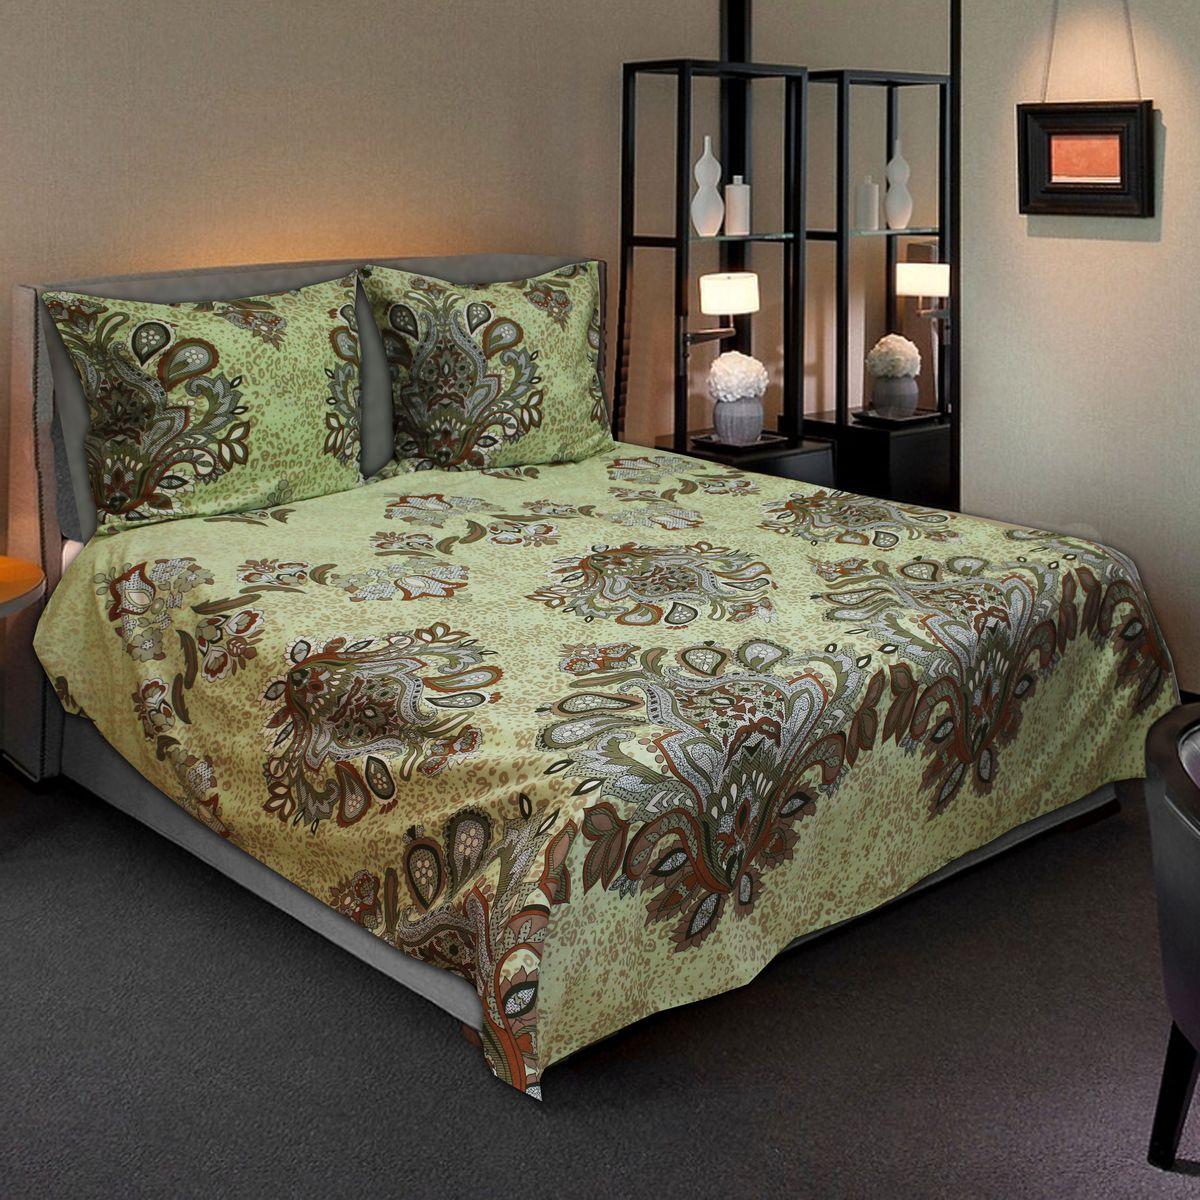 Комплект белья Amore Mio Decor, семейный, наволочки 70х7077768Комплект постельного белья Amore Mio является экологически безопасным для всей семьи, так как выполнен из бязи (100% хлопок). Постельное белье оформлено оригинальным рисунком и имеет изысканный внешний вид.Легкая, плотная, мягкая ткань отлично стирается, гладится, быстро сохнет.Комплект состоит из двух пододеяльников, простыни и двух наволочек.